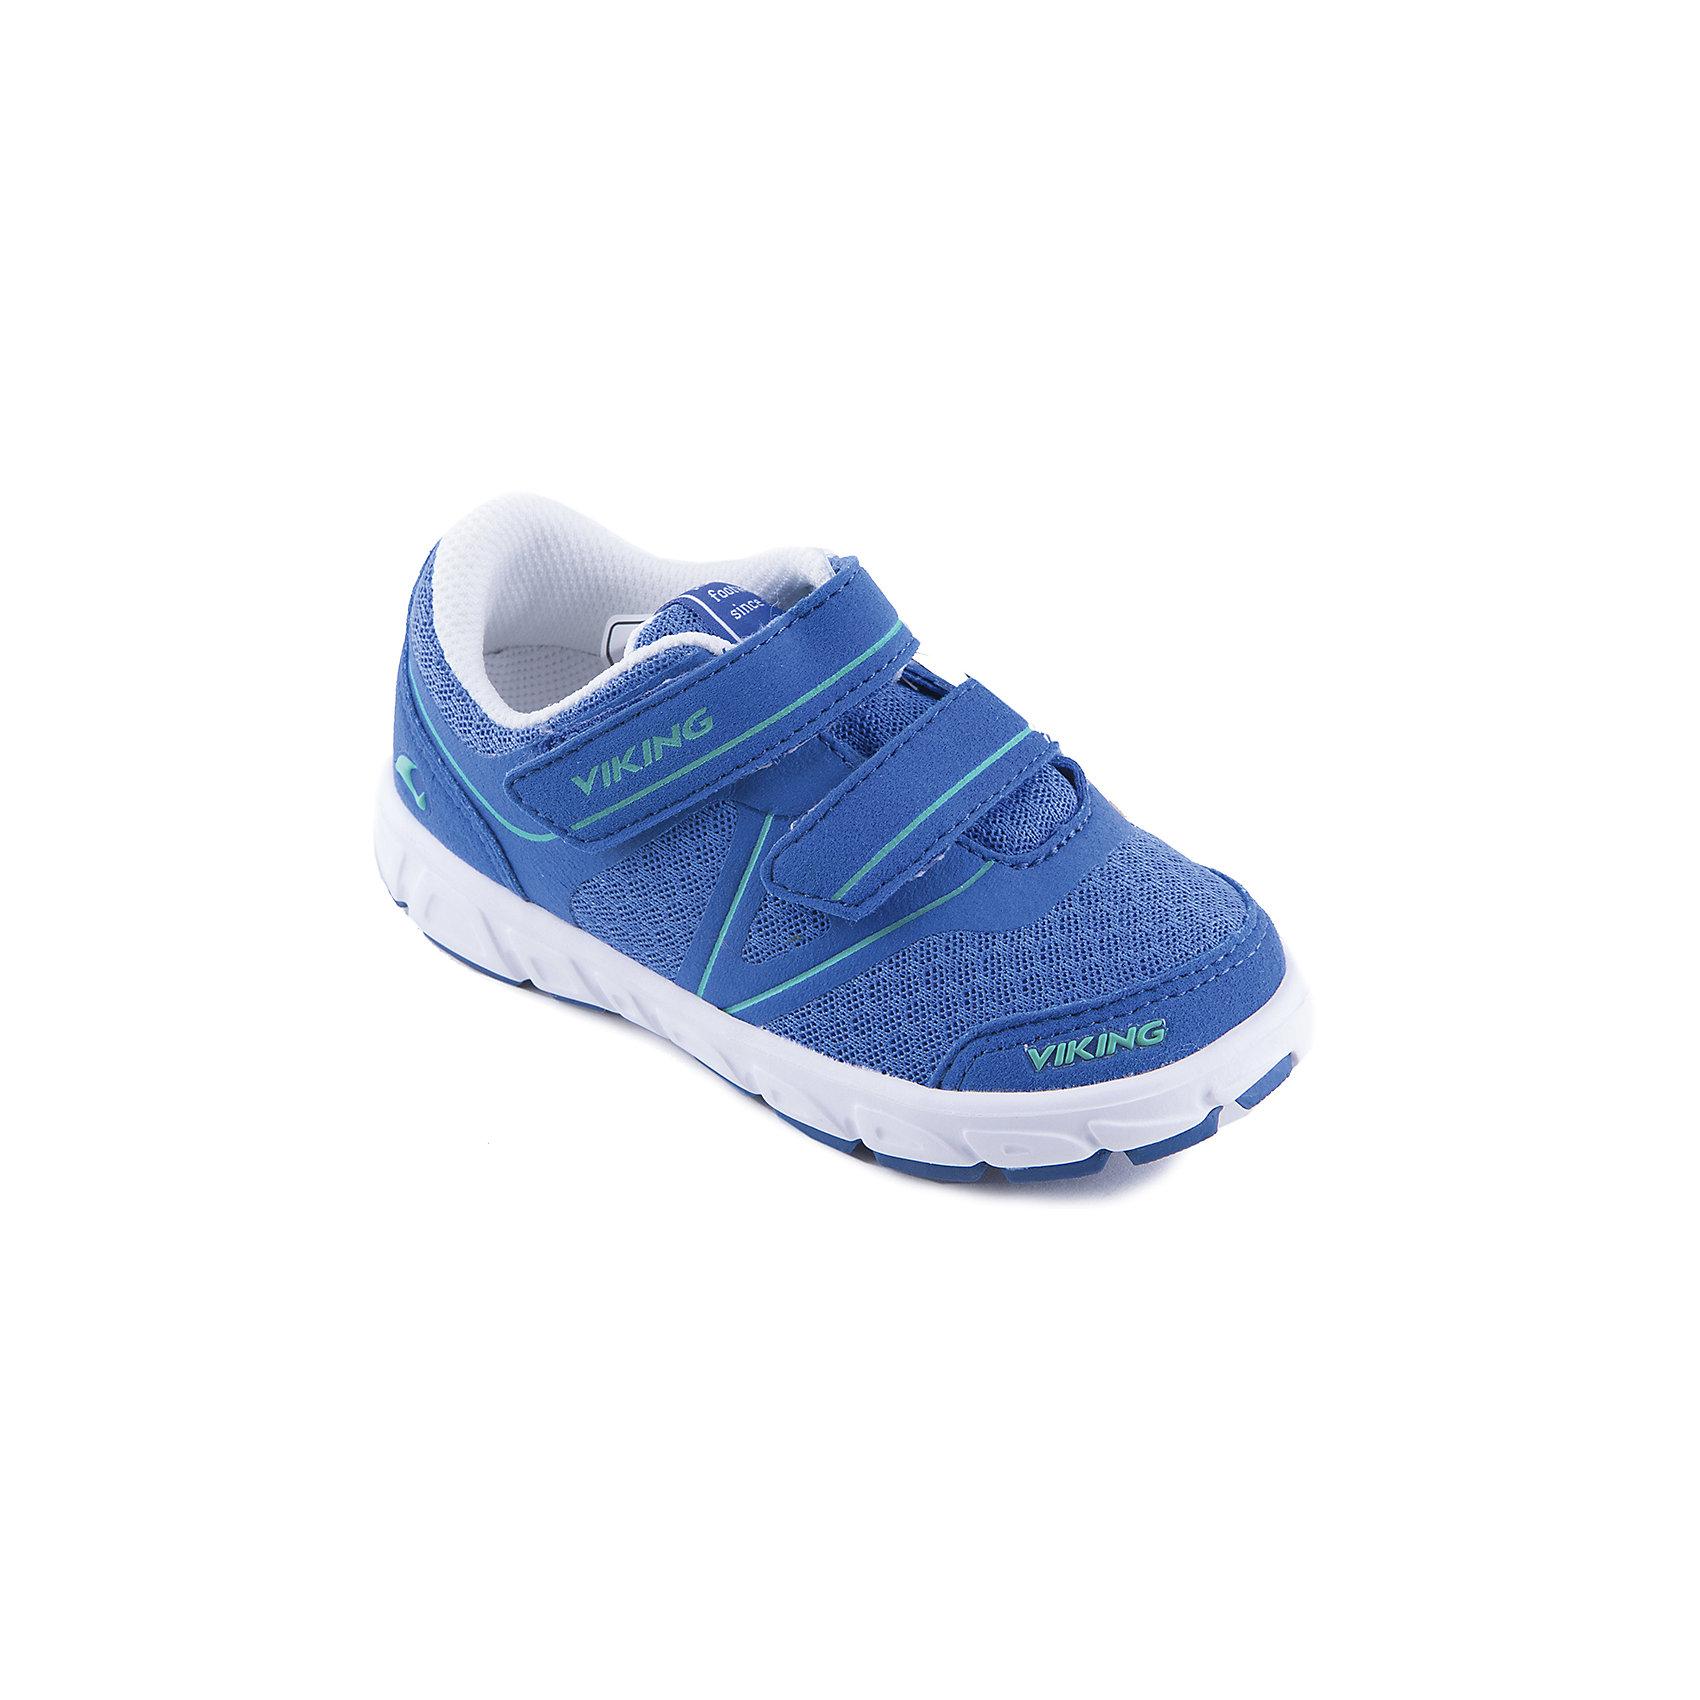 Кроссовки для мальчика VIKINGКроссовки для девочки от марки VIKING - прекрасный вариант для повседневной носки или же активного отдыха. Модель на липучке имеет рифленую подошву, нос и задник из влагоустойчивого материала и тканевые вставки для вентиляции ноги. Кроссовки яркой расцветки изготовлены из высококачественных материалов, очень удобные и практичные. <br><br>Дополнительная информация:<br><br>- Тип застежки: липучка. <br>- Декоративные элементы: логотип бренда.<br>- Стирка: щадящий режим, 30 ?. <br>Параметры для размера 24.<br>- Толщина подошвы: 1,5 см.<br>- Высота каблука: 2,5 см.<br>Состав:<br>текстиль, искусственная кожа, этиленвинилацетат, натуральная резина.<br><br>Кроссовки для девочки VIKING (Викинг) можно купить в нашем магазине.<br><br>Ширина мм: 262<br>Глубина мм: 176<br>Высота мм: 97<br>Вес г: 427<br>Цвет: синий<br>Возраст от месяцев: 21<br>Возраст до месяцев: 24<br>Пол: Мужской<br>Возраст: Детский<br>Размер: 25,24,26,32,27,28,33,35,34,29,30,31<br>SKU: 4233340